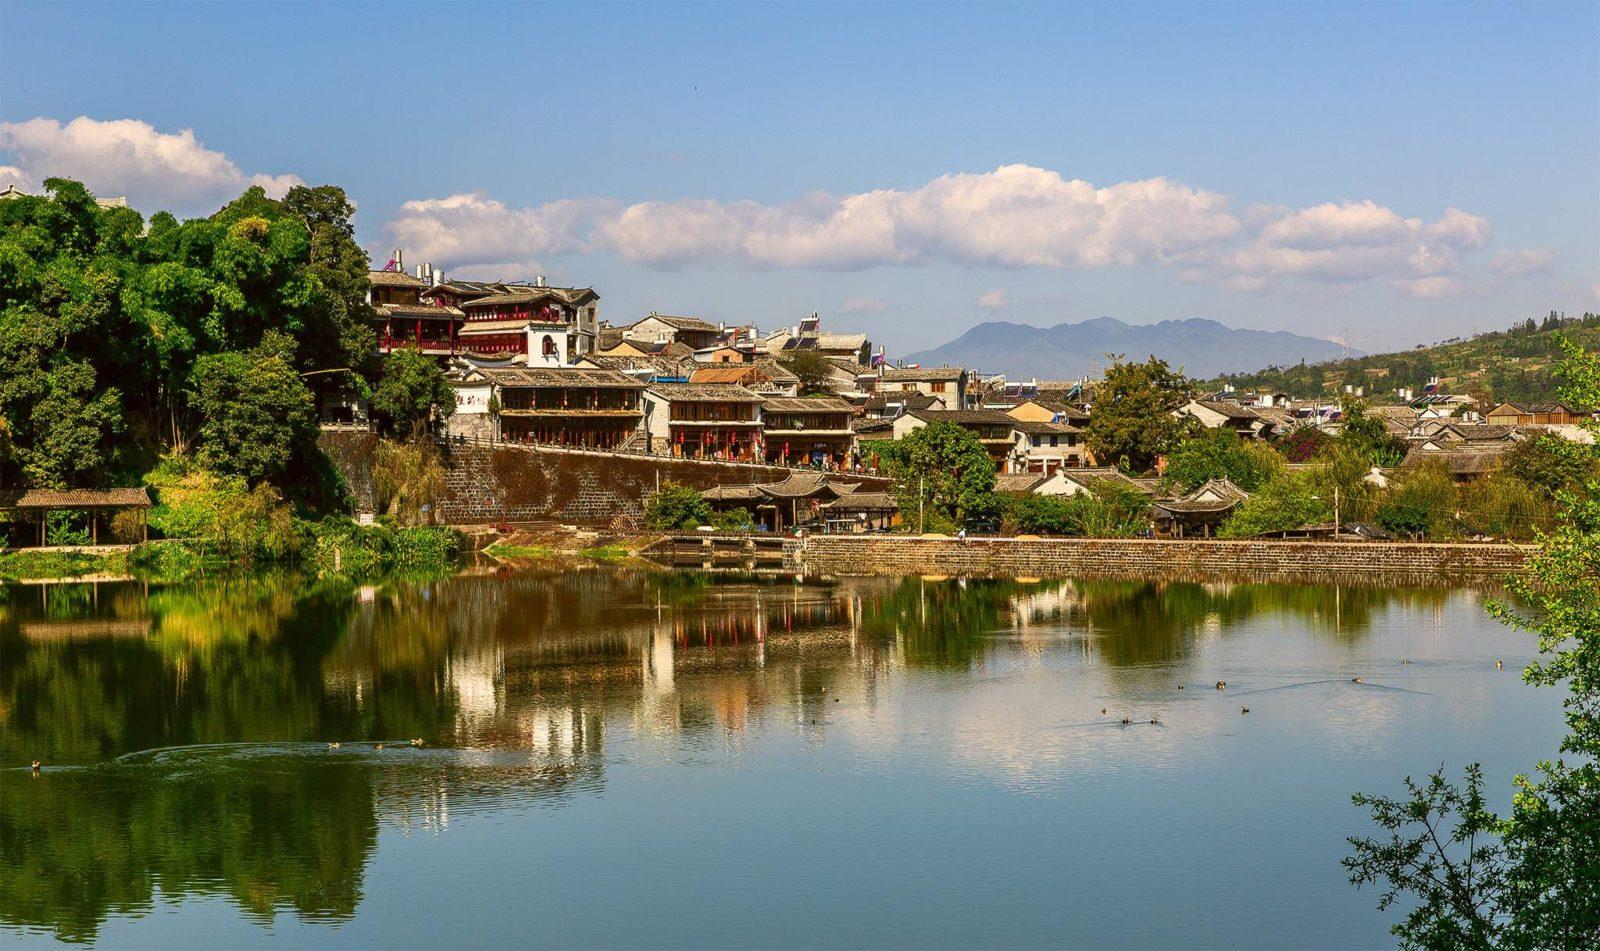 деревня Хэшунь, Юньнань